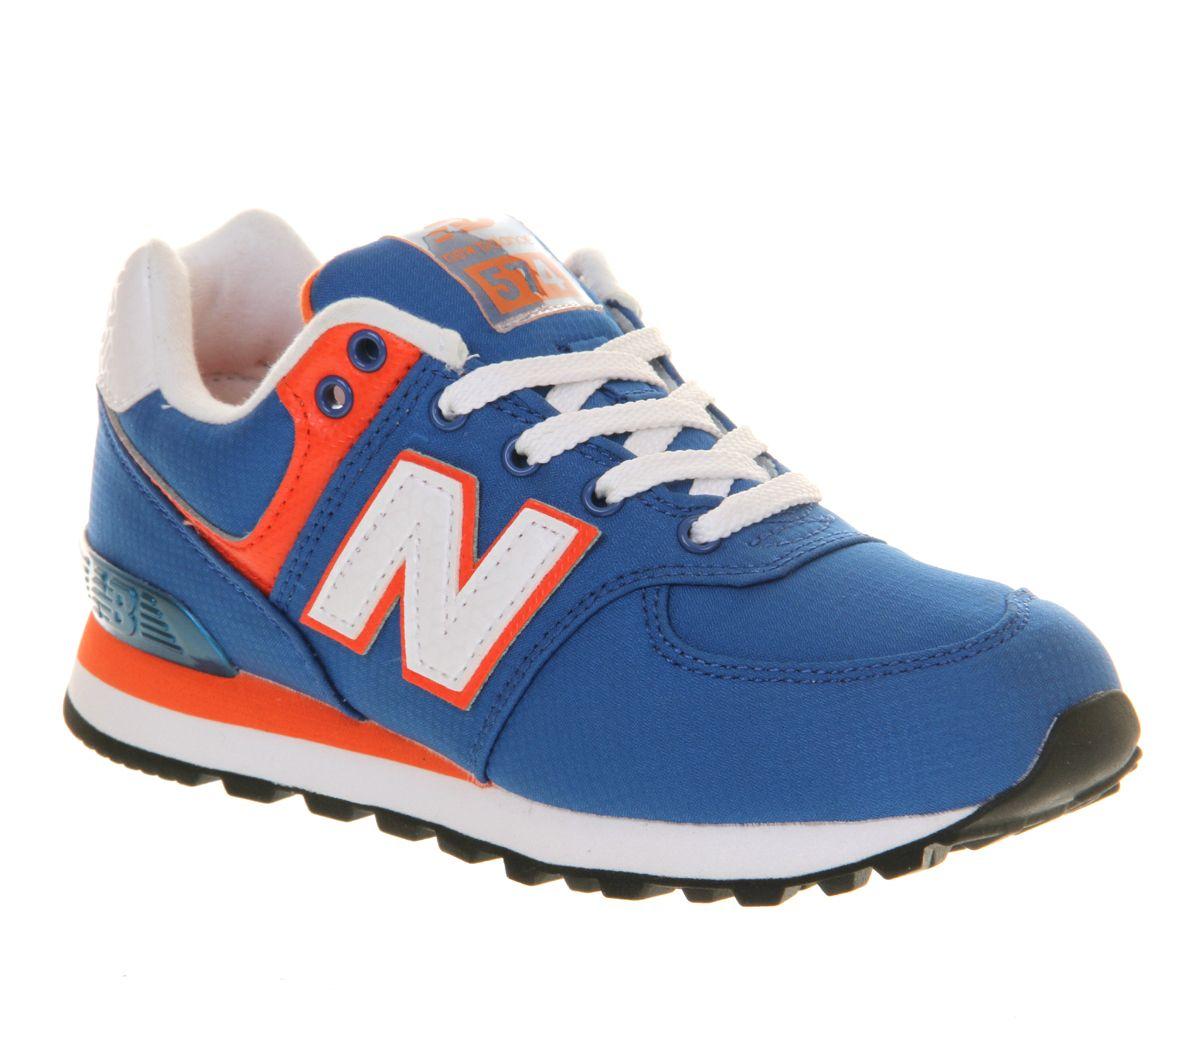 New Balance Kids 574 Lace Royal Blue Orange - Unisex